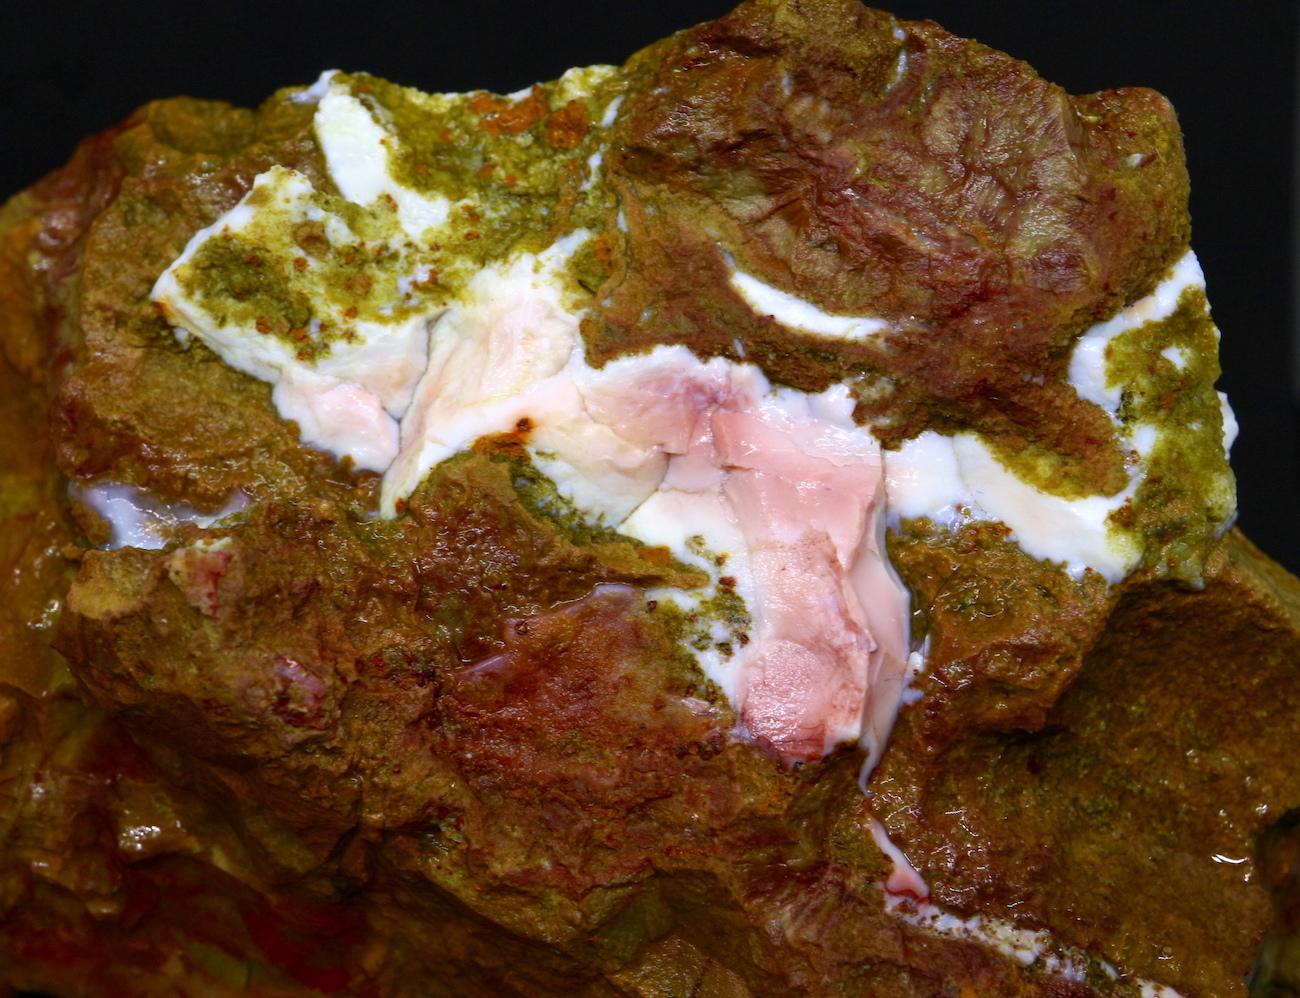 レア!ピンクオパール + スパイダーウェブジャスパー  144,6g SPJ016 鉱物 天然石 原石 パワーストーン